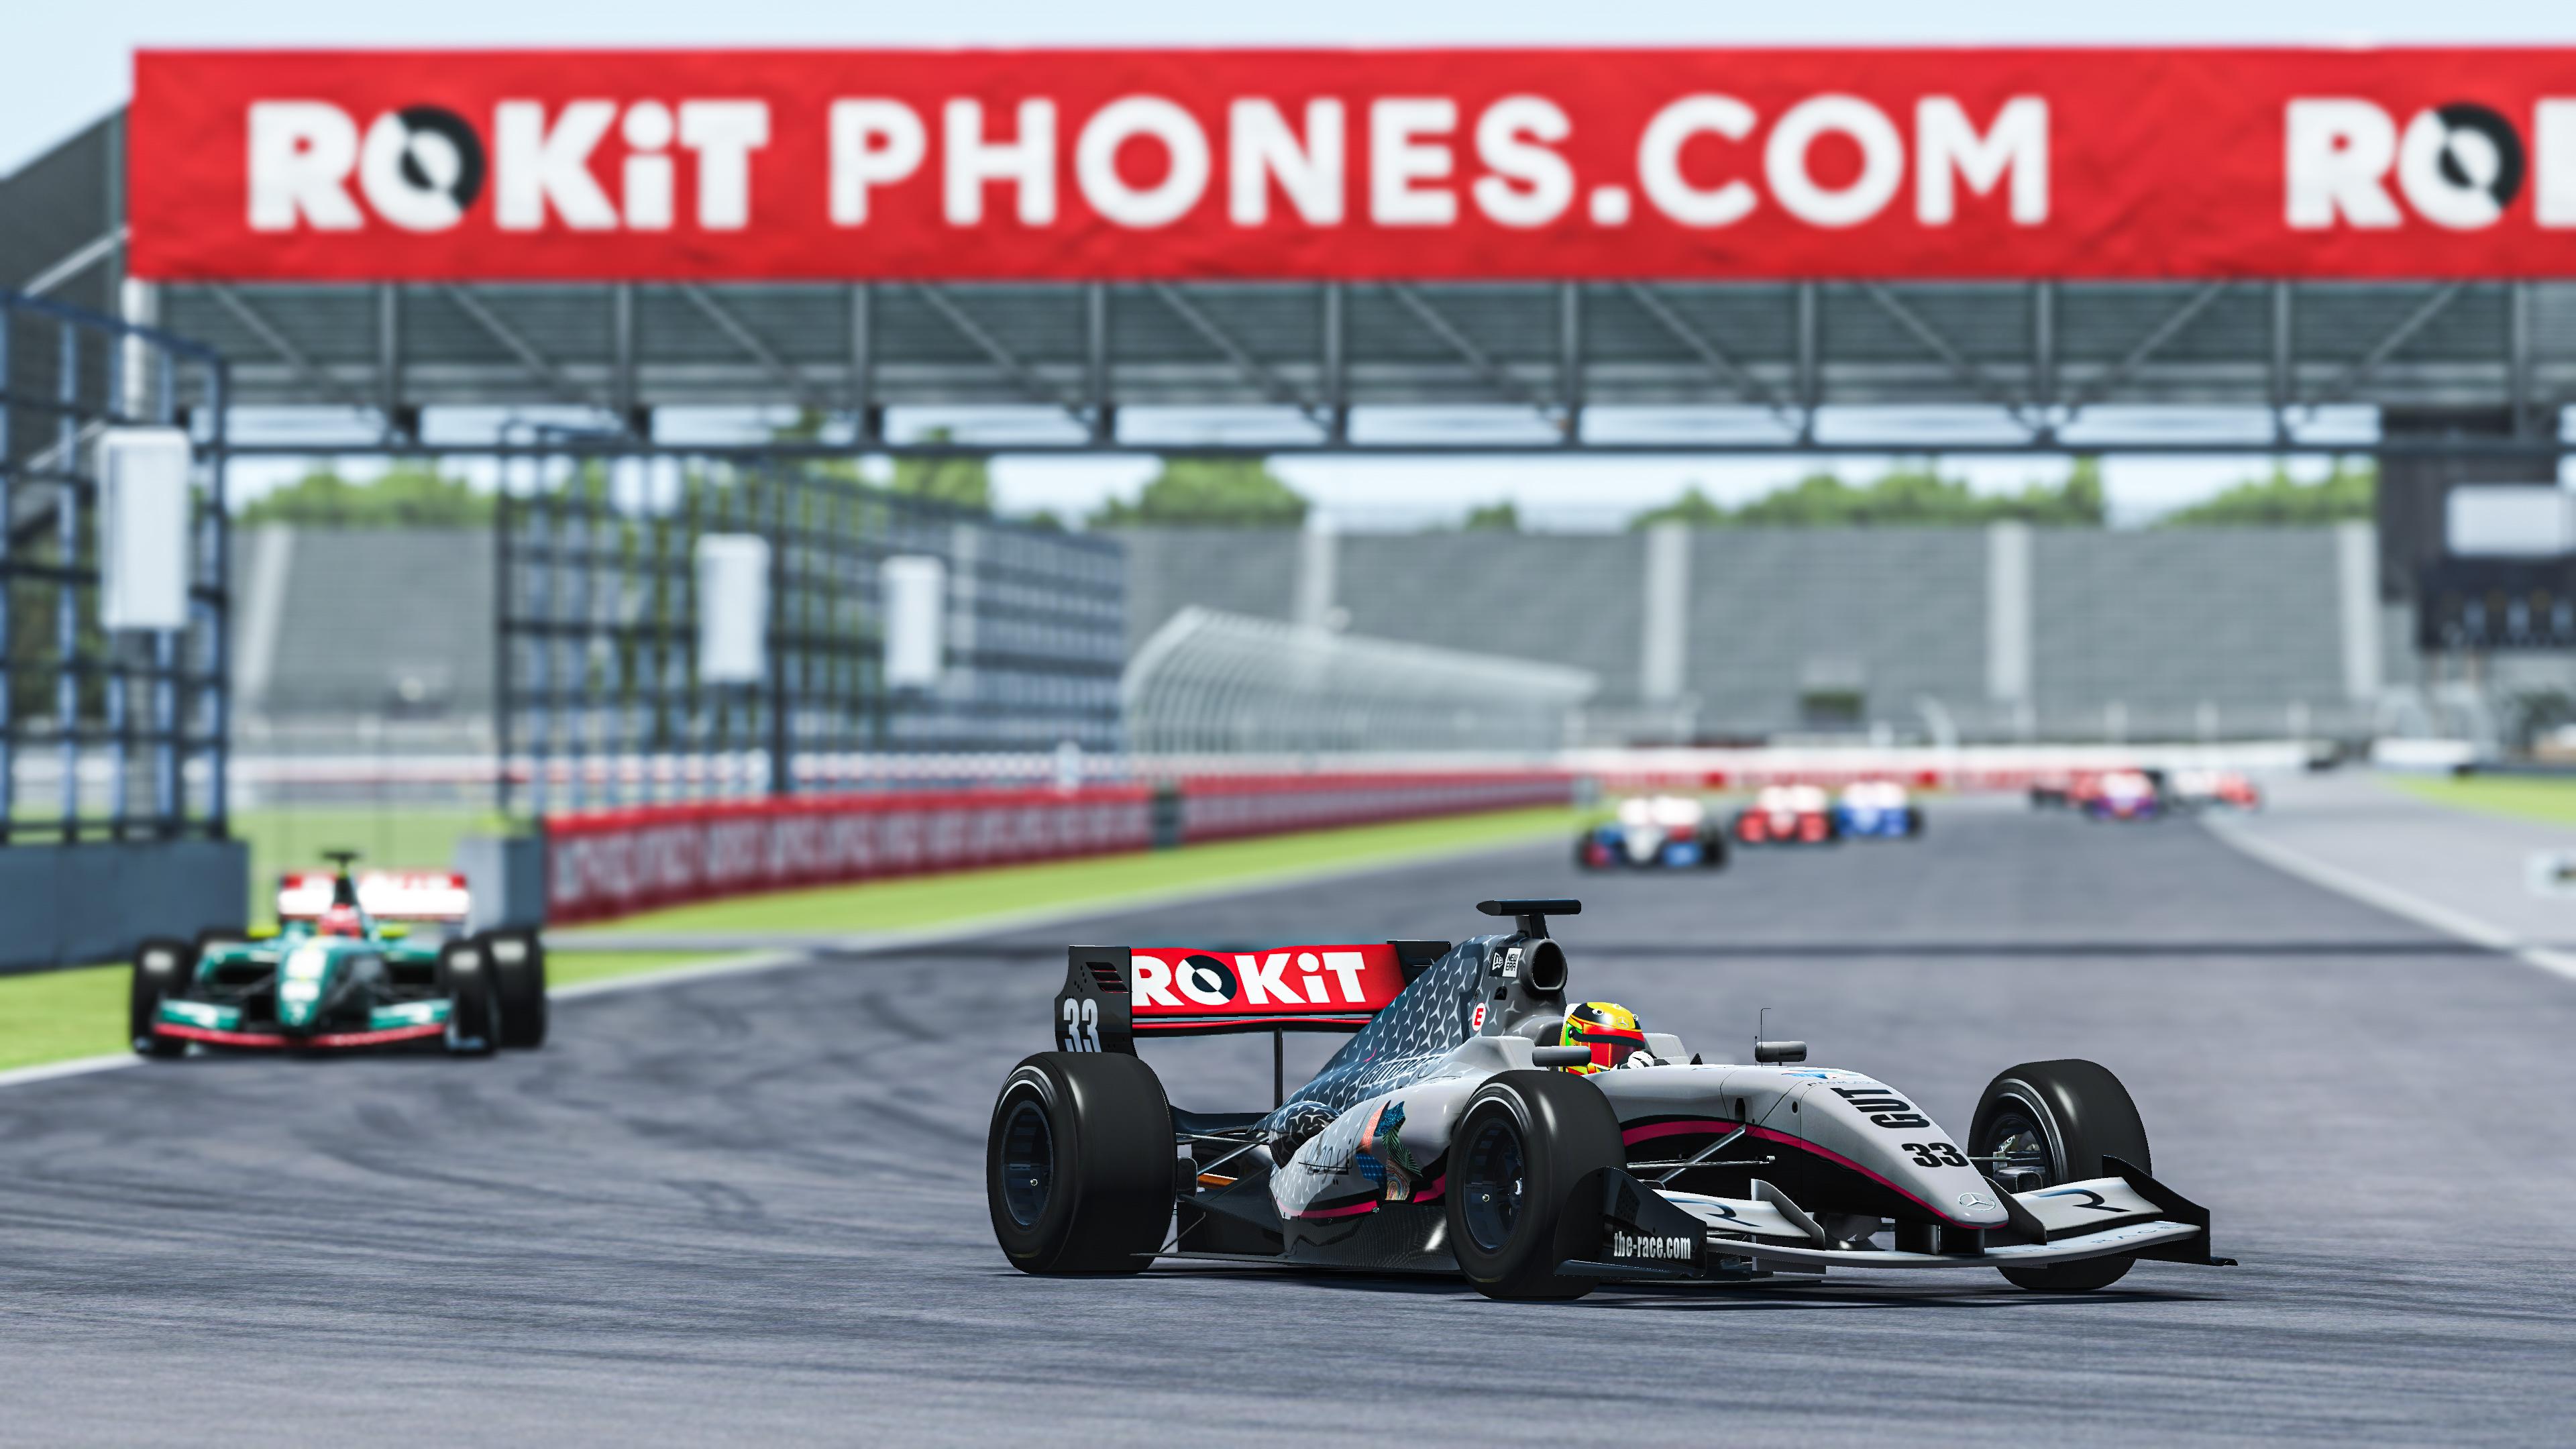 Esteban Gutierrez Mercedes F1 2020